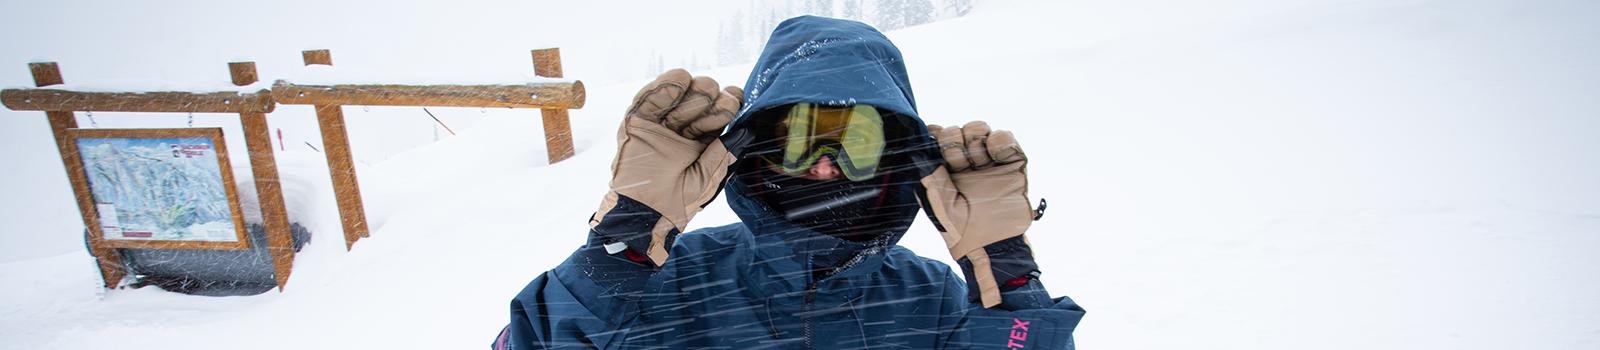 Quiksilver Mens Snow Shop - Scarves